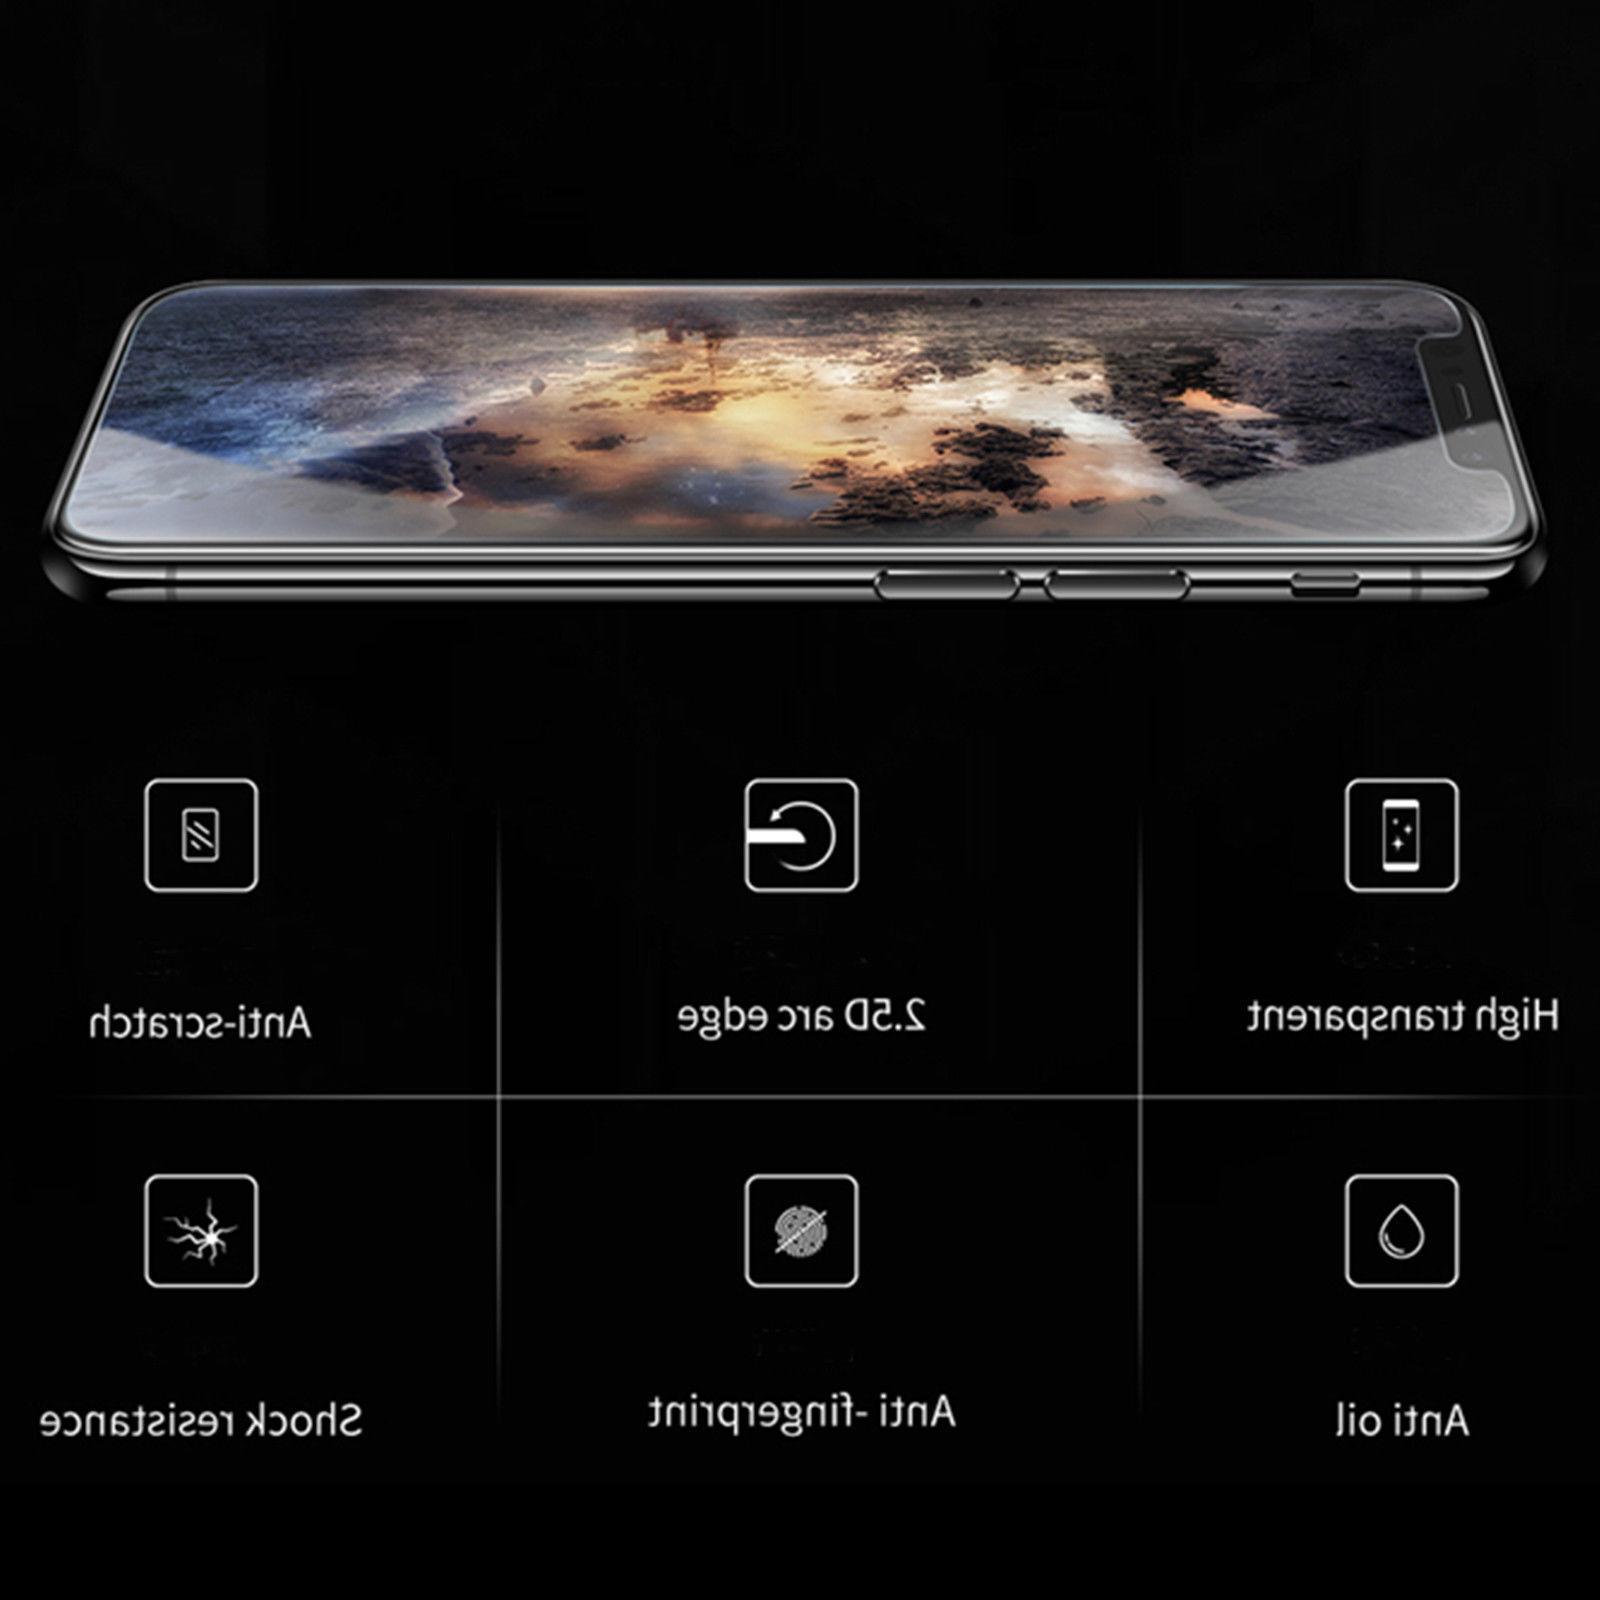 iPhone X / /7 Premium Glass HD Screen Film Guard For